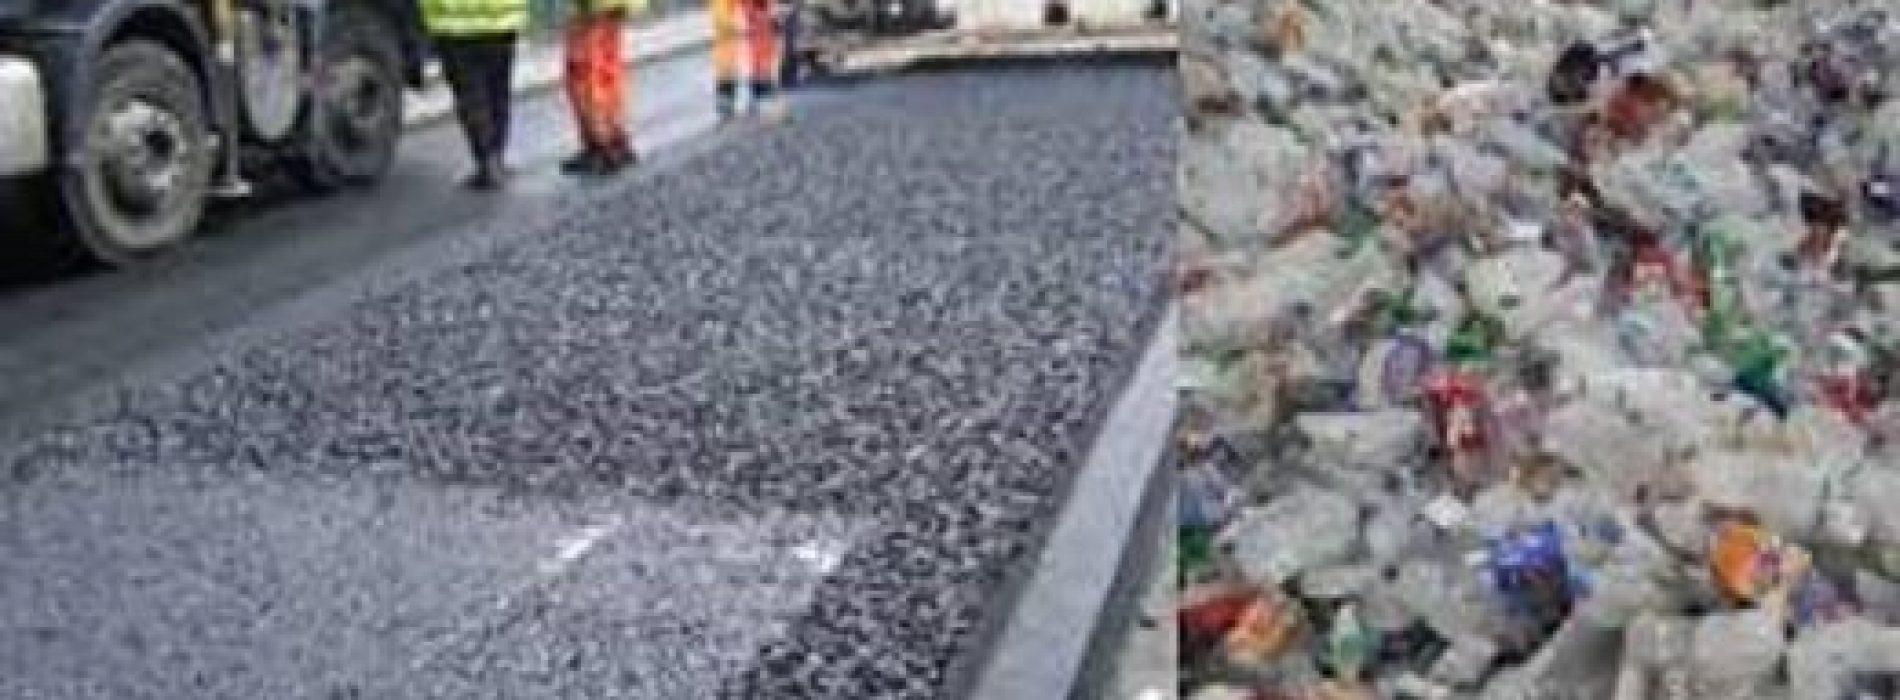 Zo kan het ook! Vooruitstrevend bedrijf gebruikt plastic afval om wegen te maken die 60% sterker zijn dan traditionele